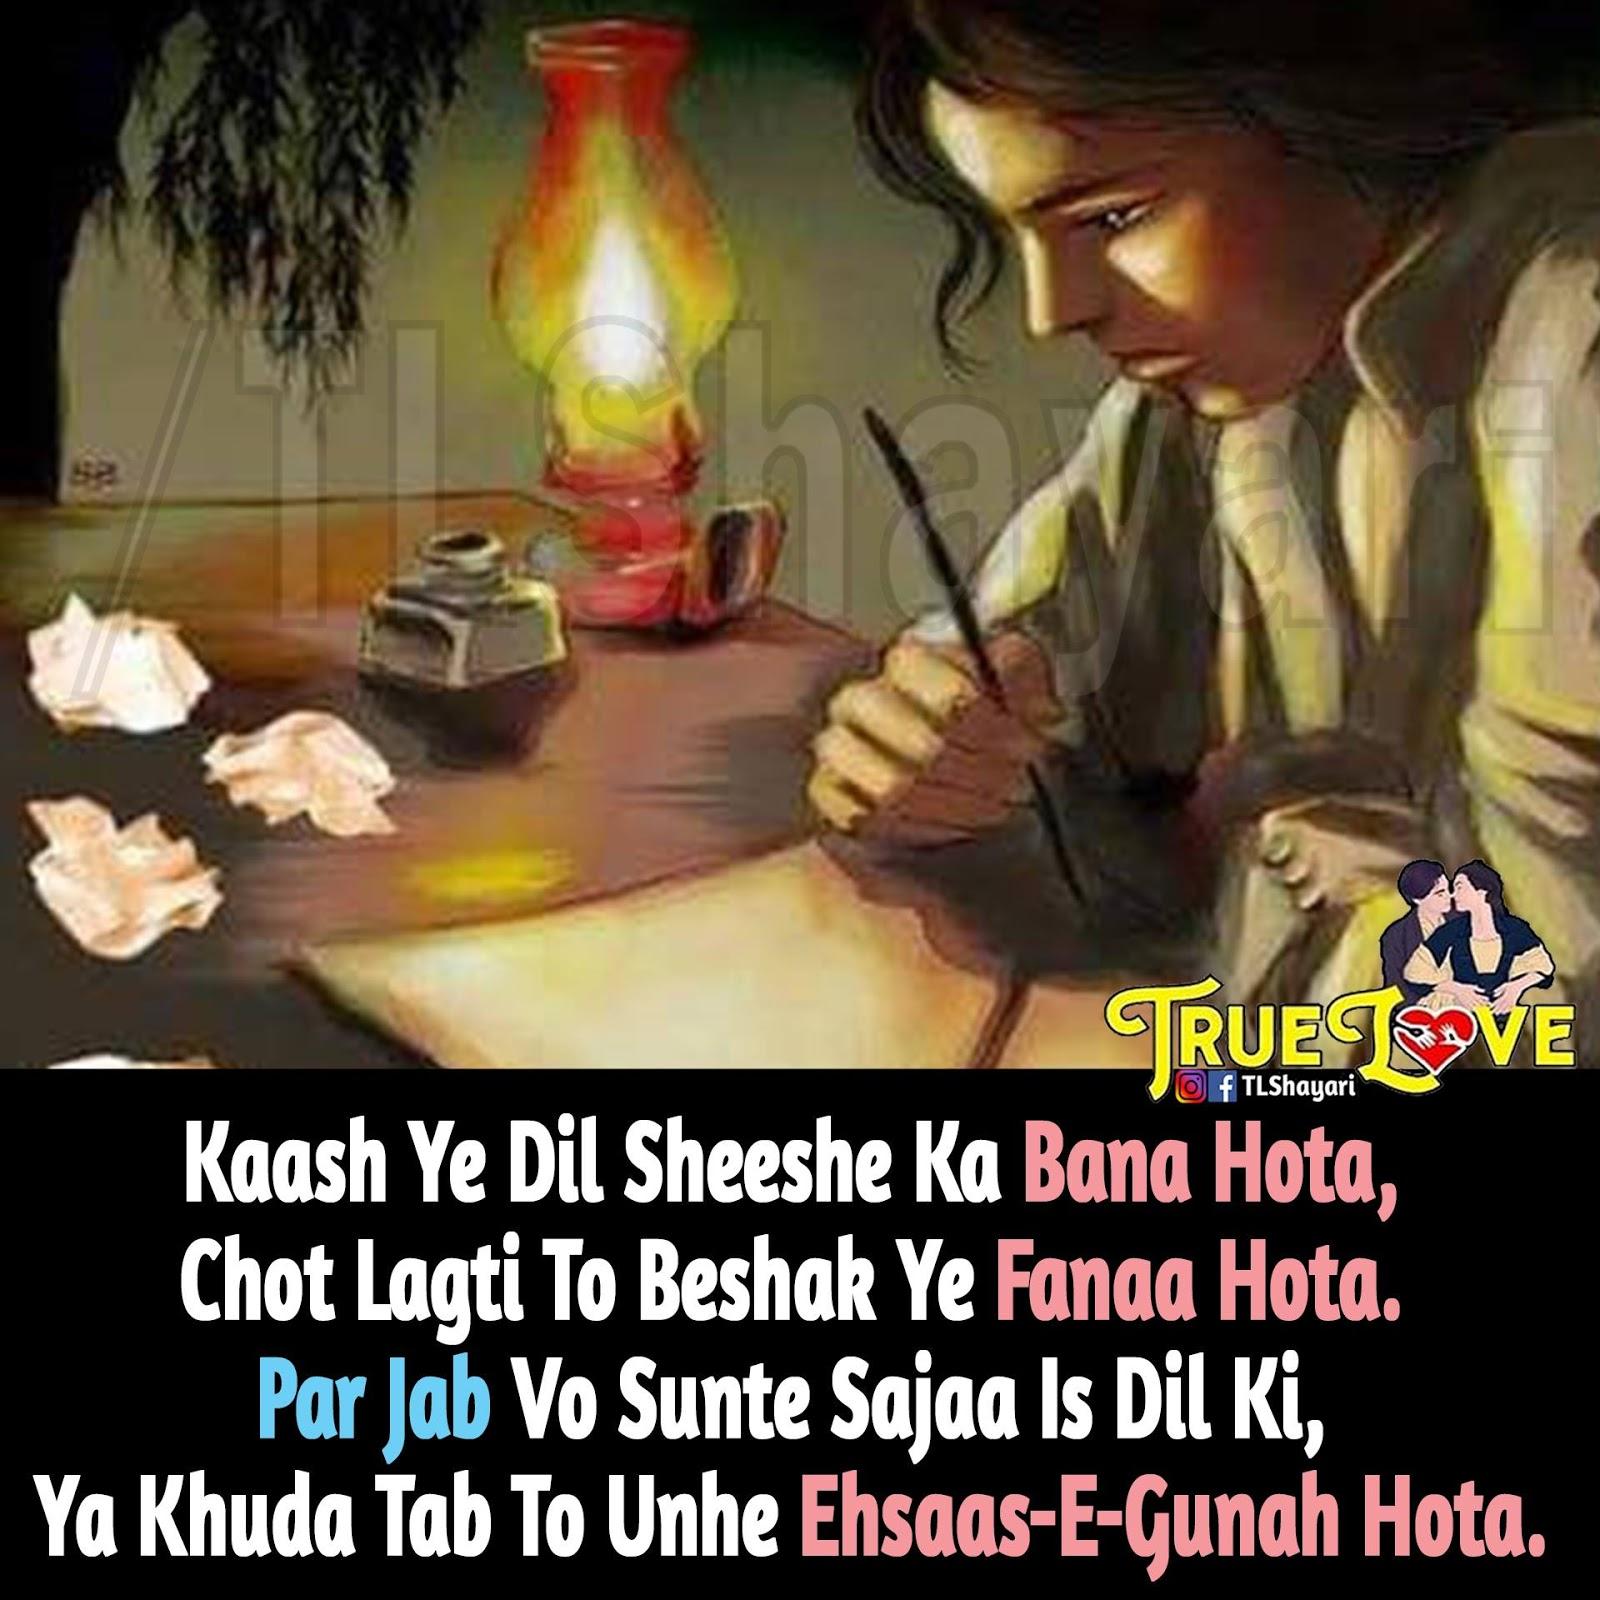 25 - Sad Shayari : Kaash Ye Dil Sheeshe Ka Bana Hota..